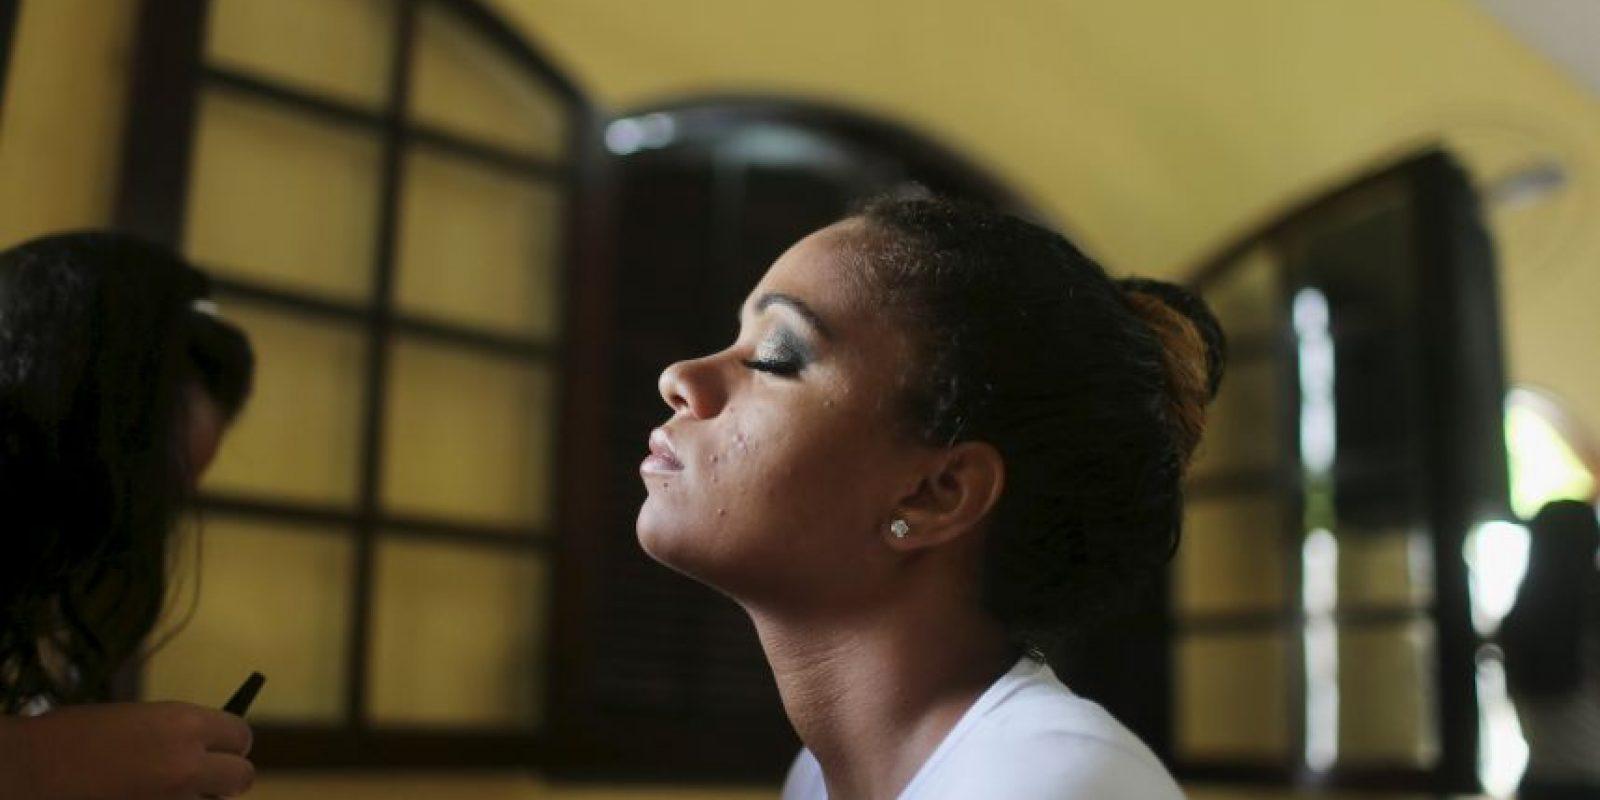 """3. Según el periódico español """"El País"""", los servicios de salud no se ofrecen adecuadamente en las cárceles debido al hacinamiento. Foto:Getty Images"""